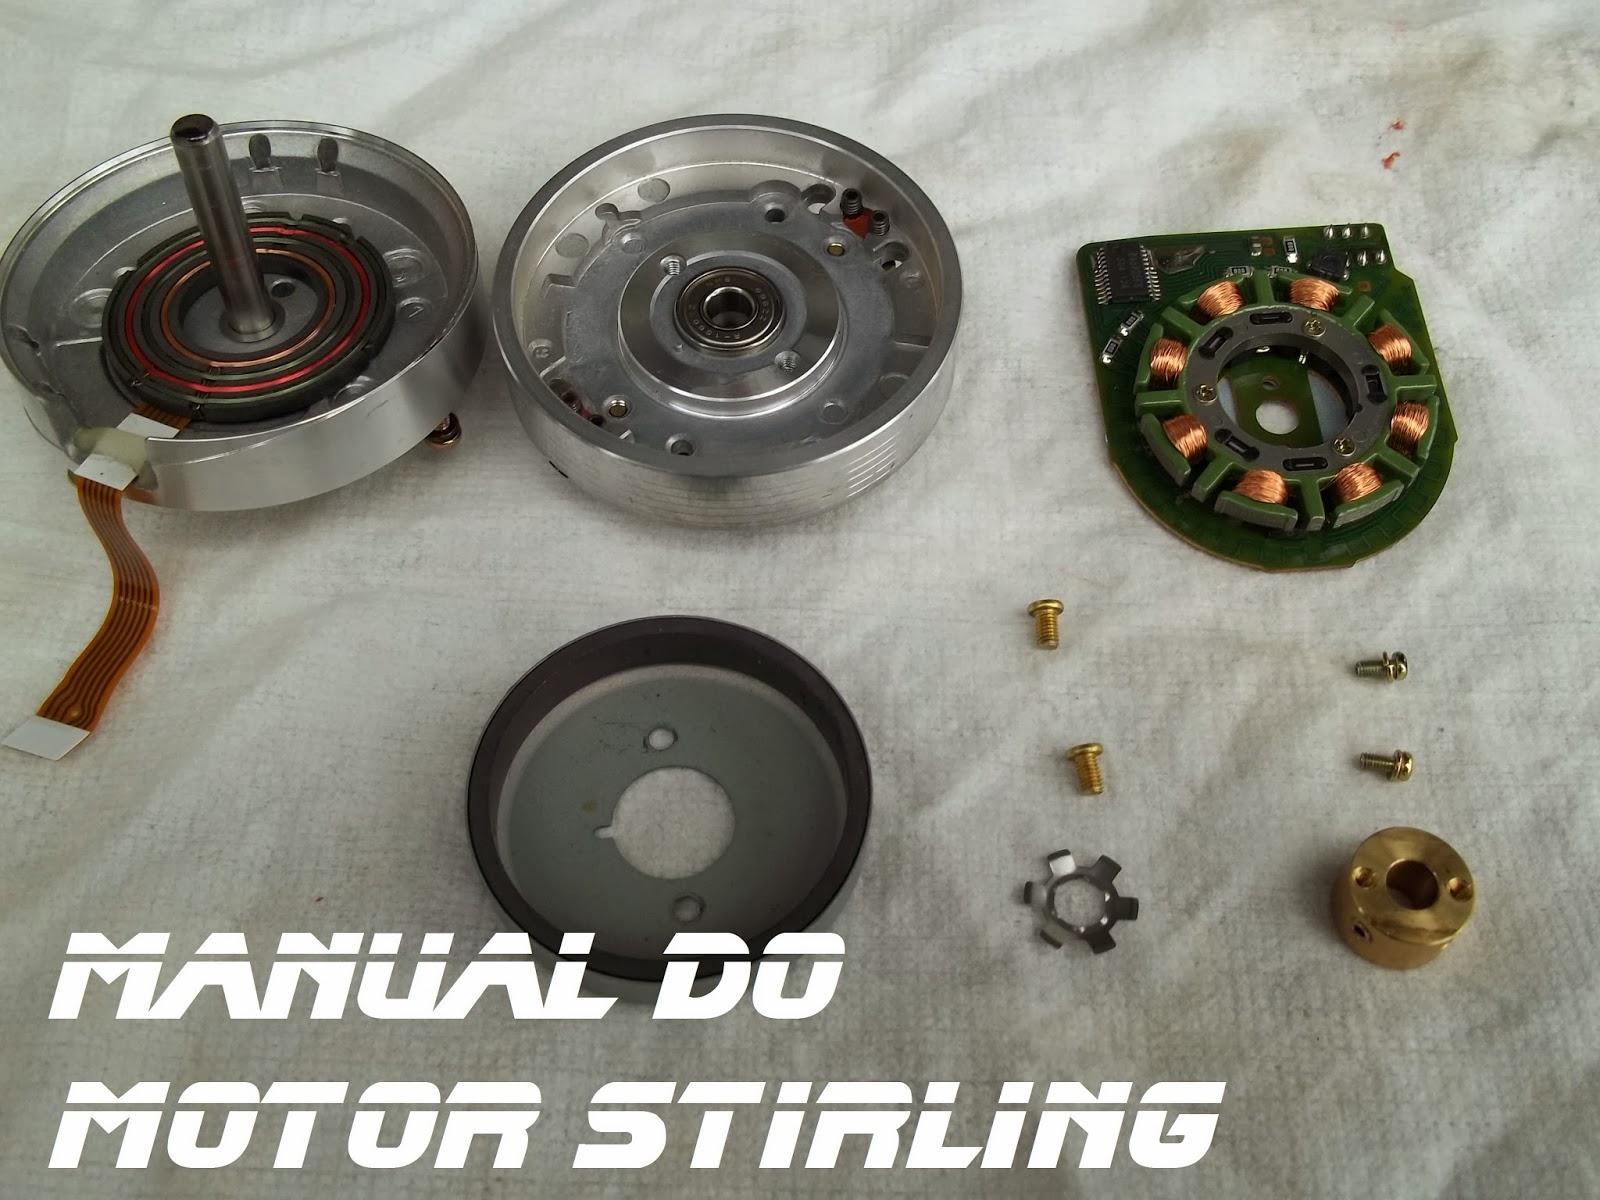 Manual do motor Stirling, cabeçote de aparelho de vídeo cassete desmontado